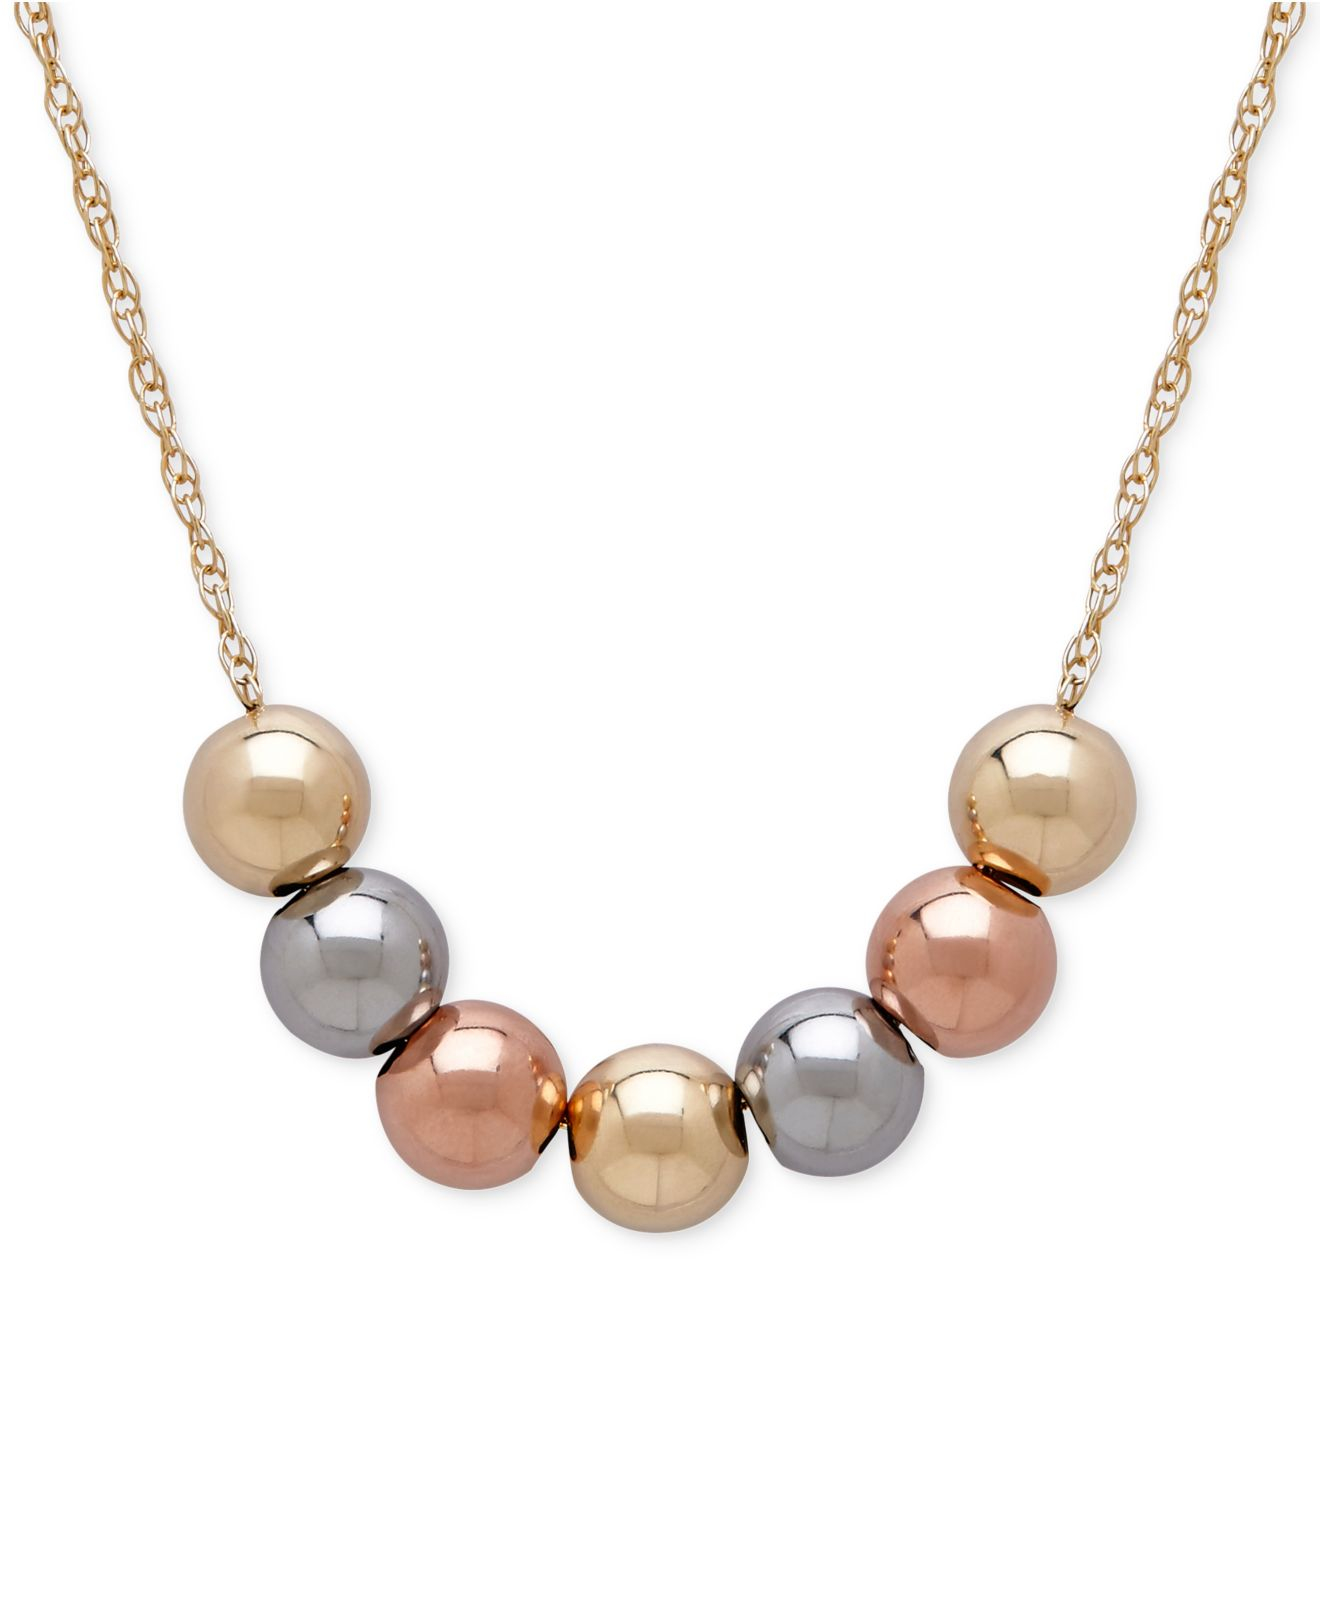 Macy S Jewelry Sale Necklace